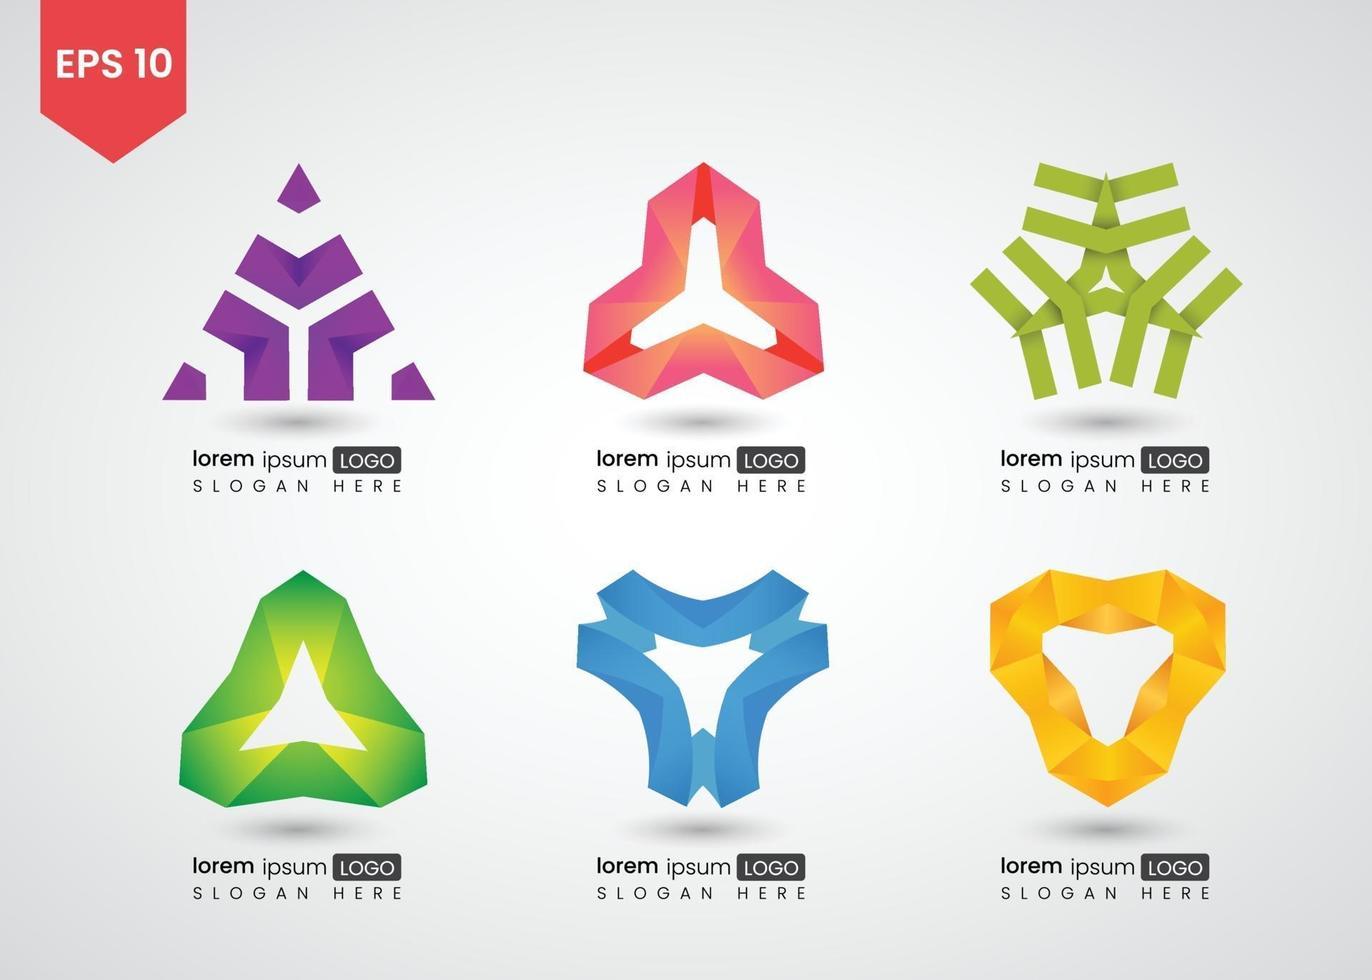 Set of logo bright gradient Vector illustration